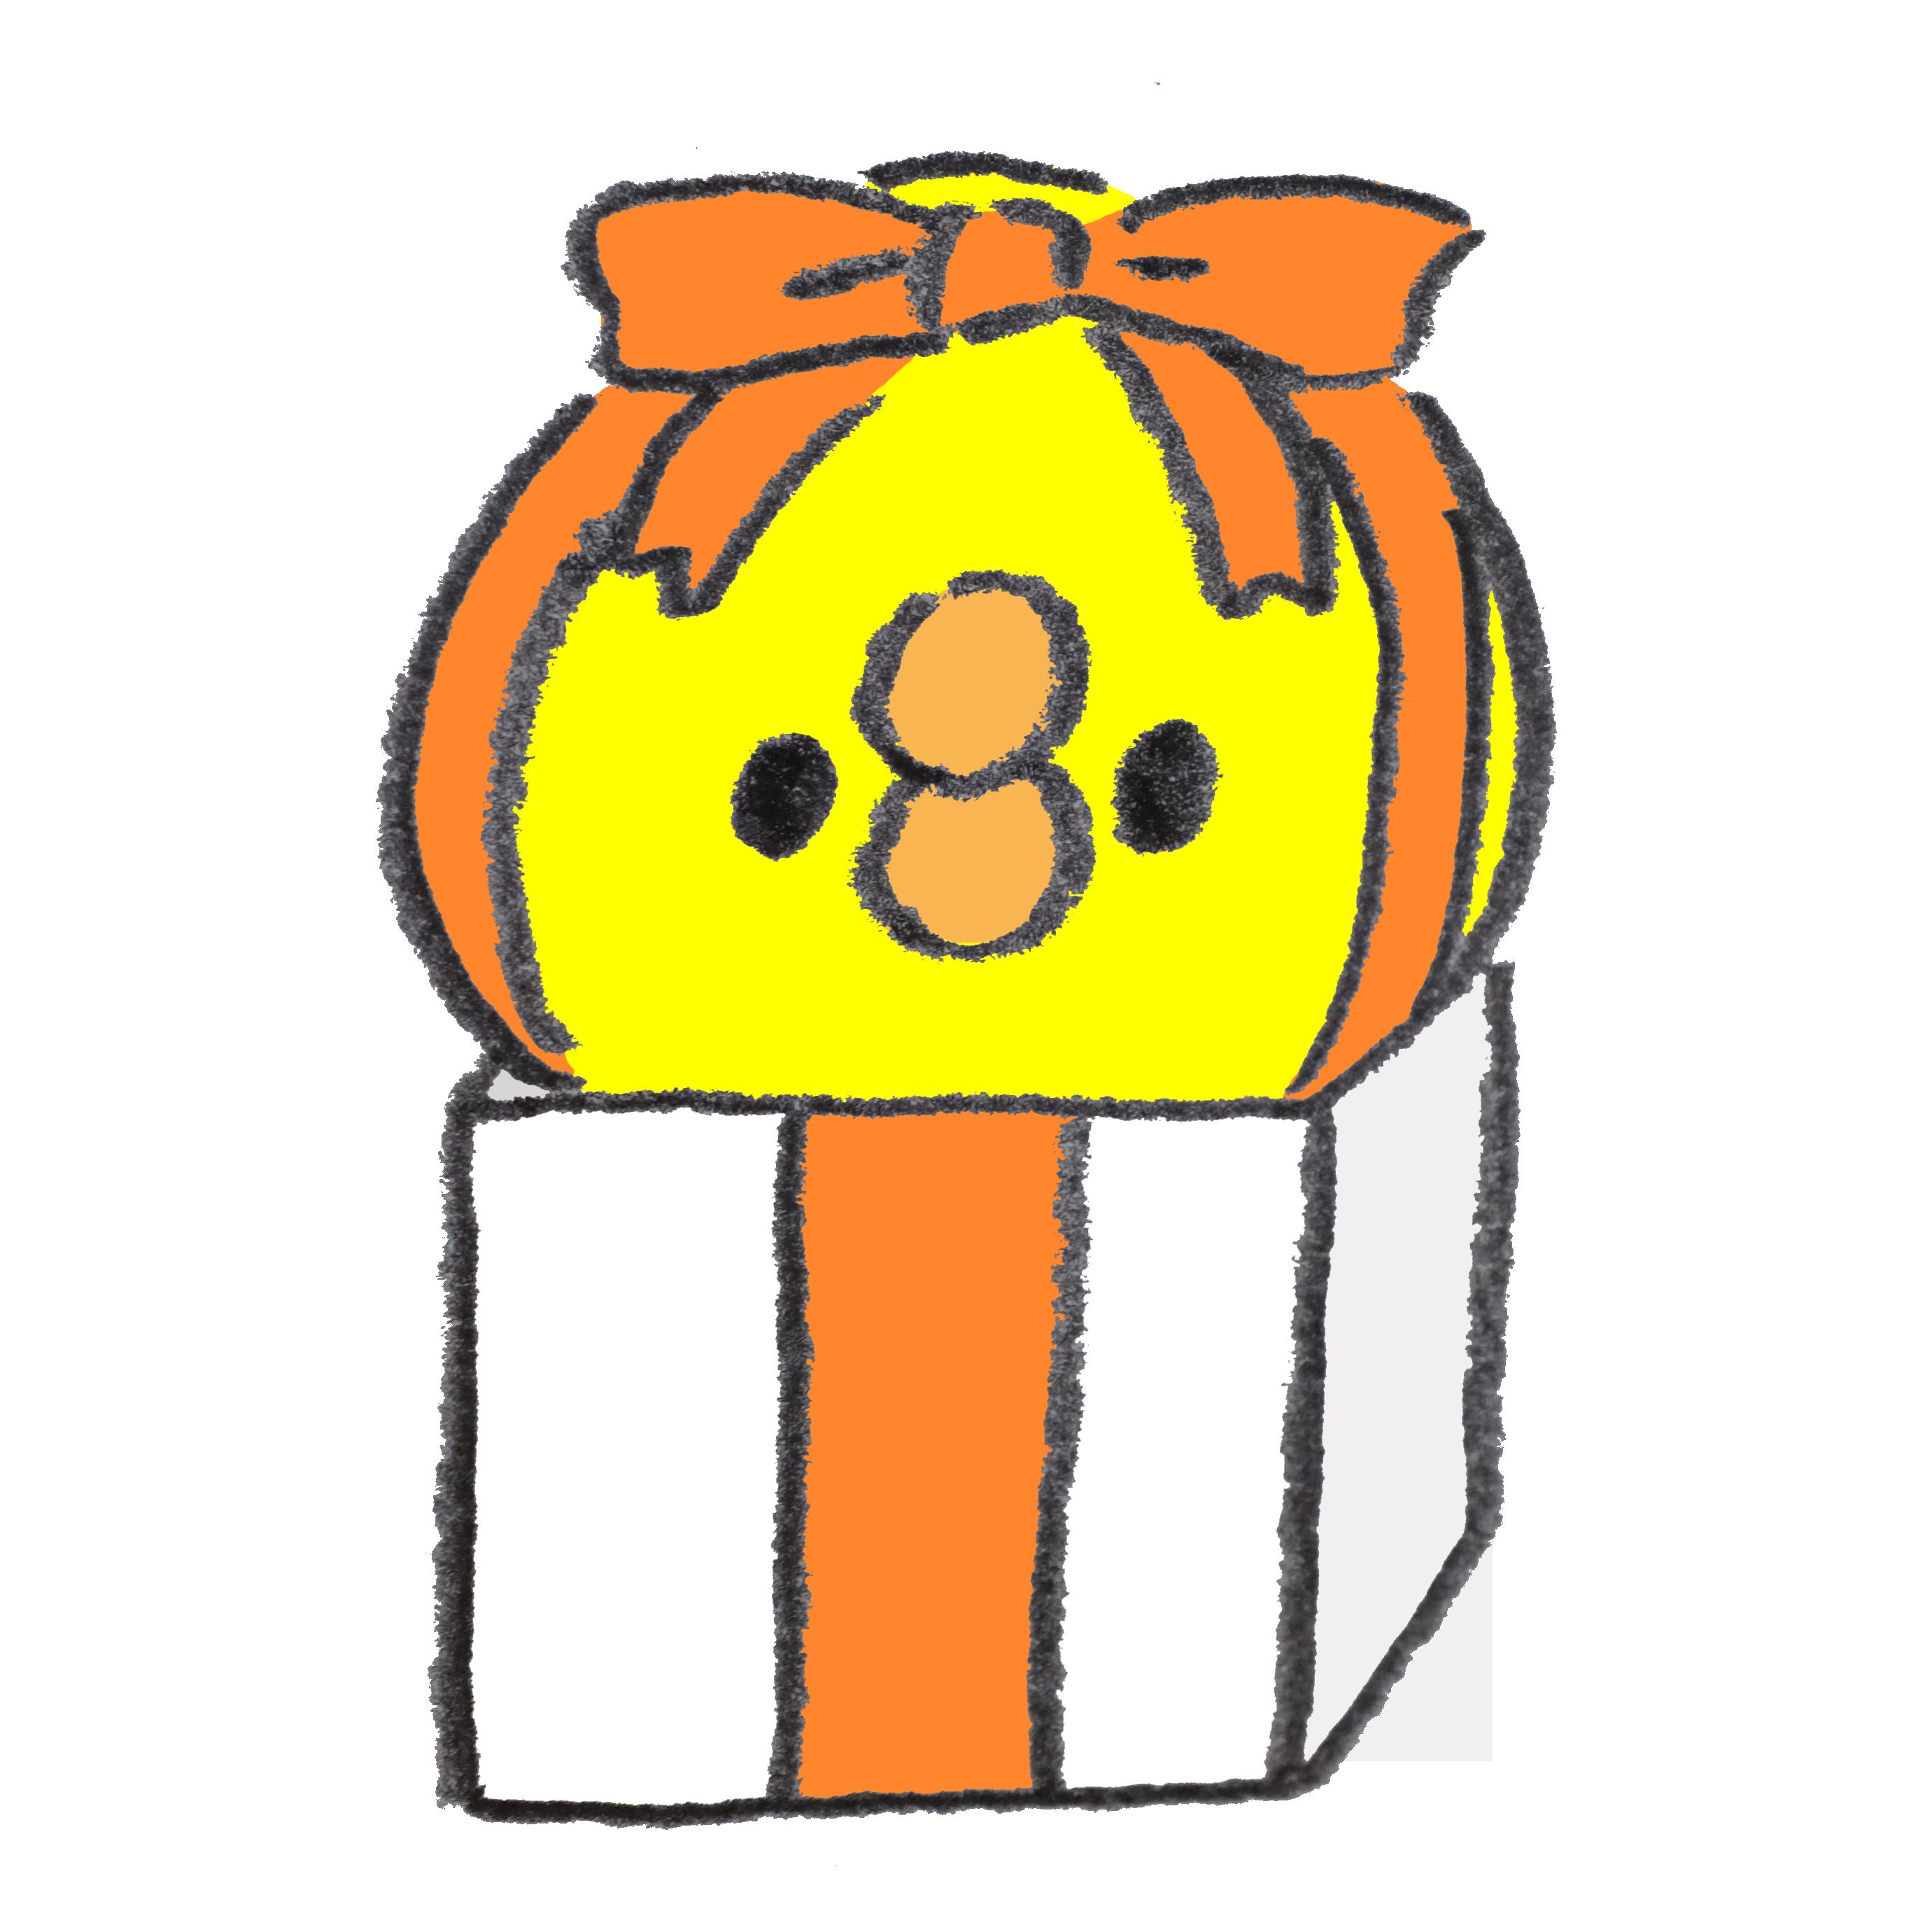 【町田相模大野】クリスマス・・と思ったらもう大晦日!!!!(•ө•)【高収入】…